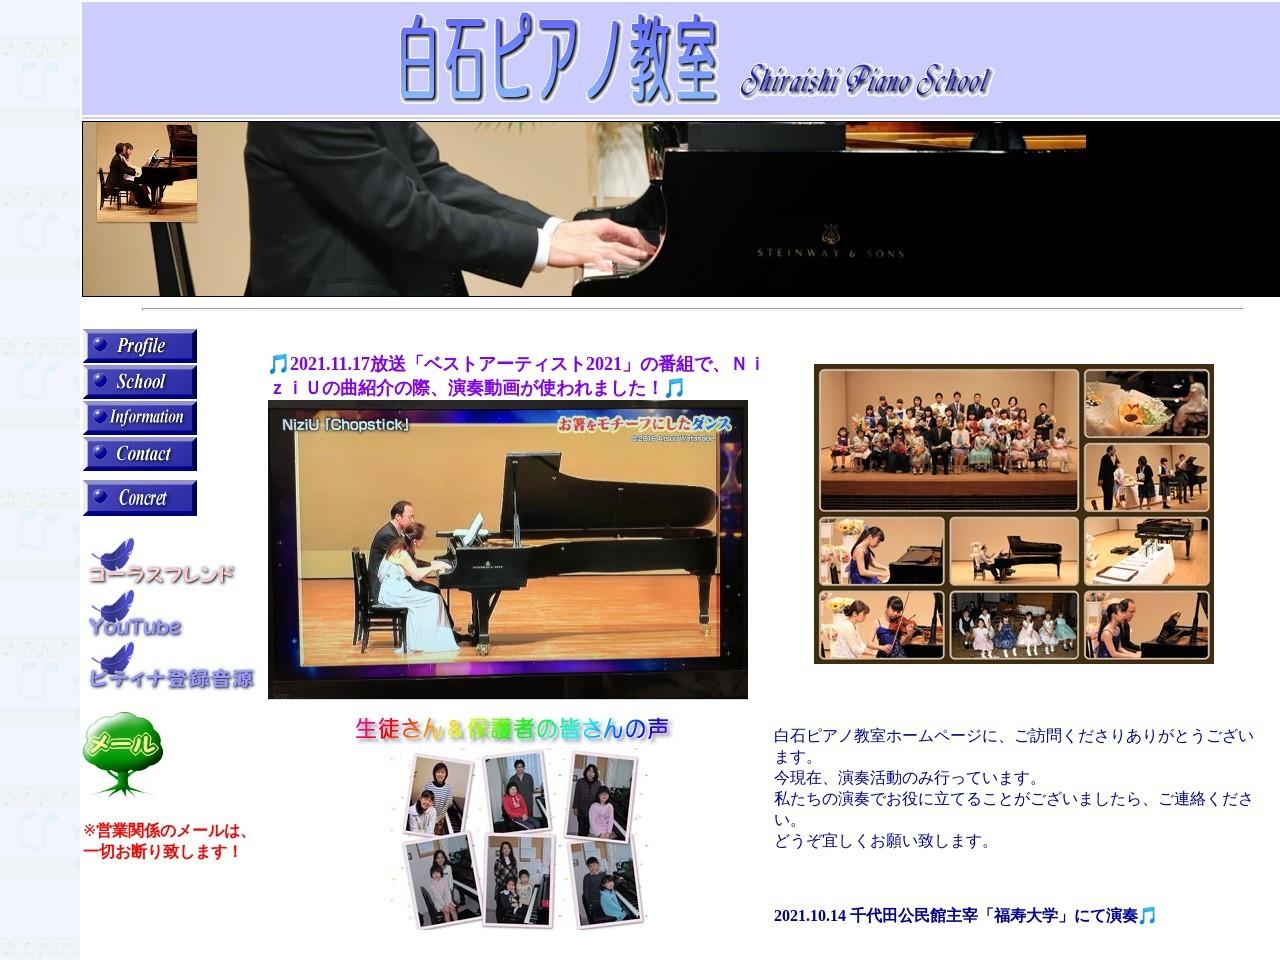 白石ピアノ教室 八街教室のサムネイル